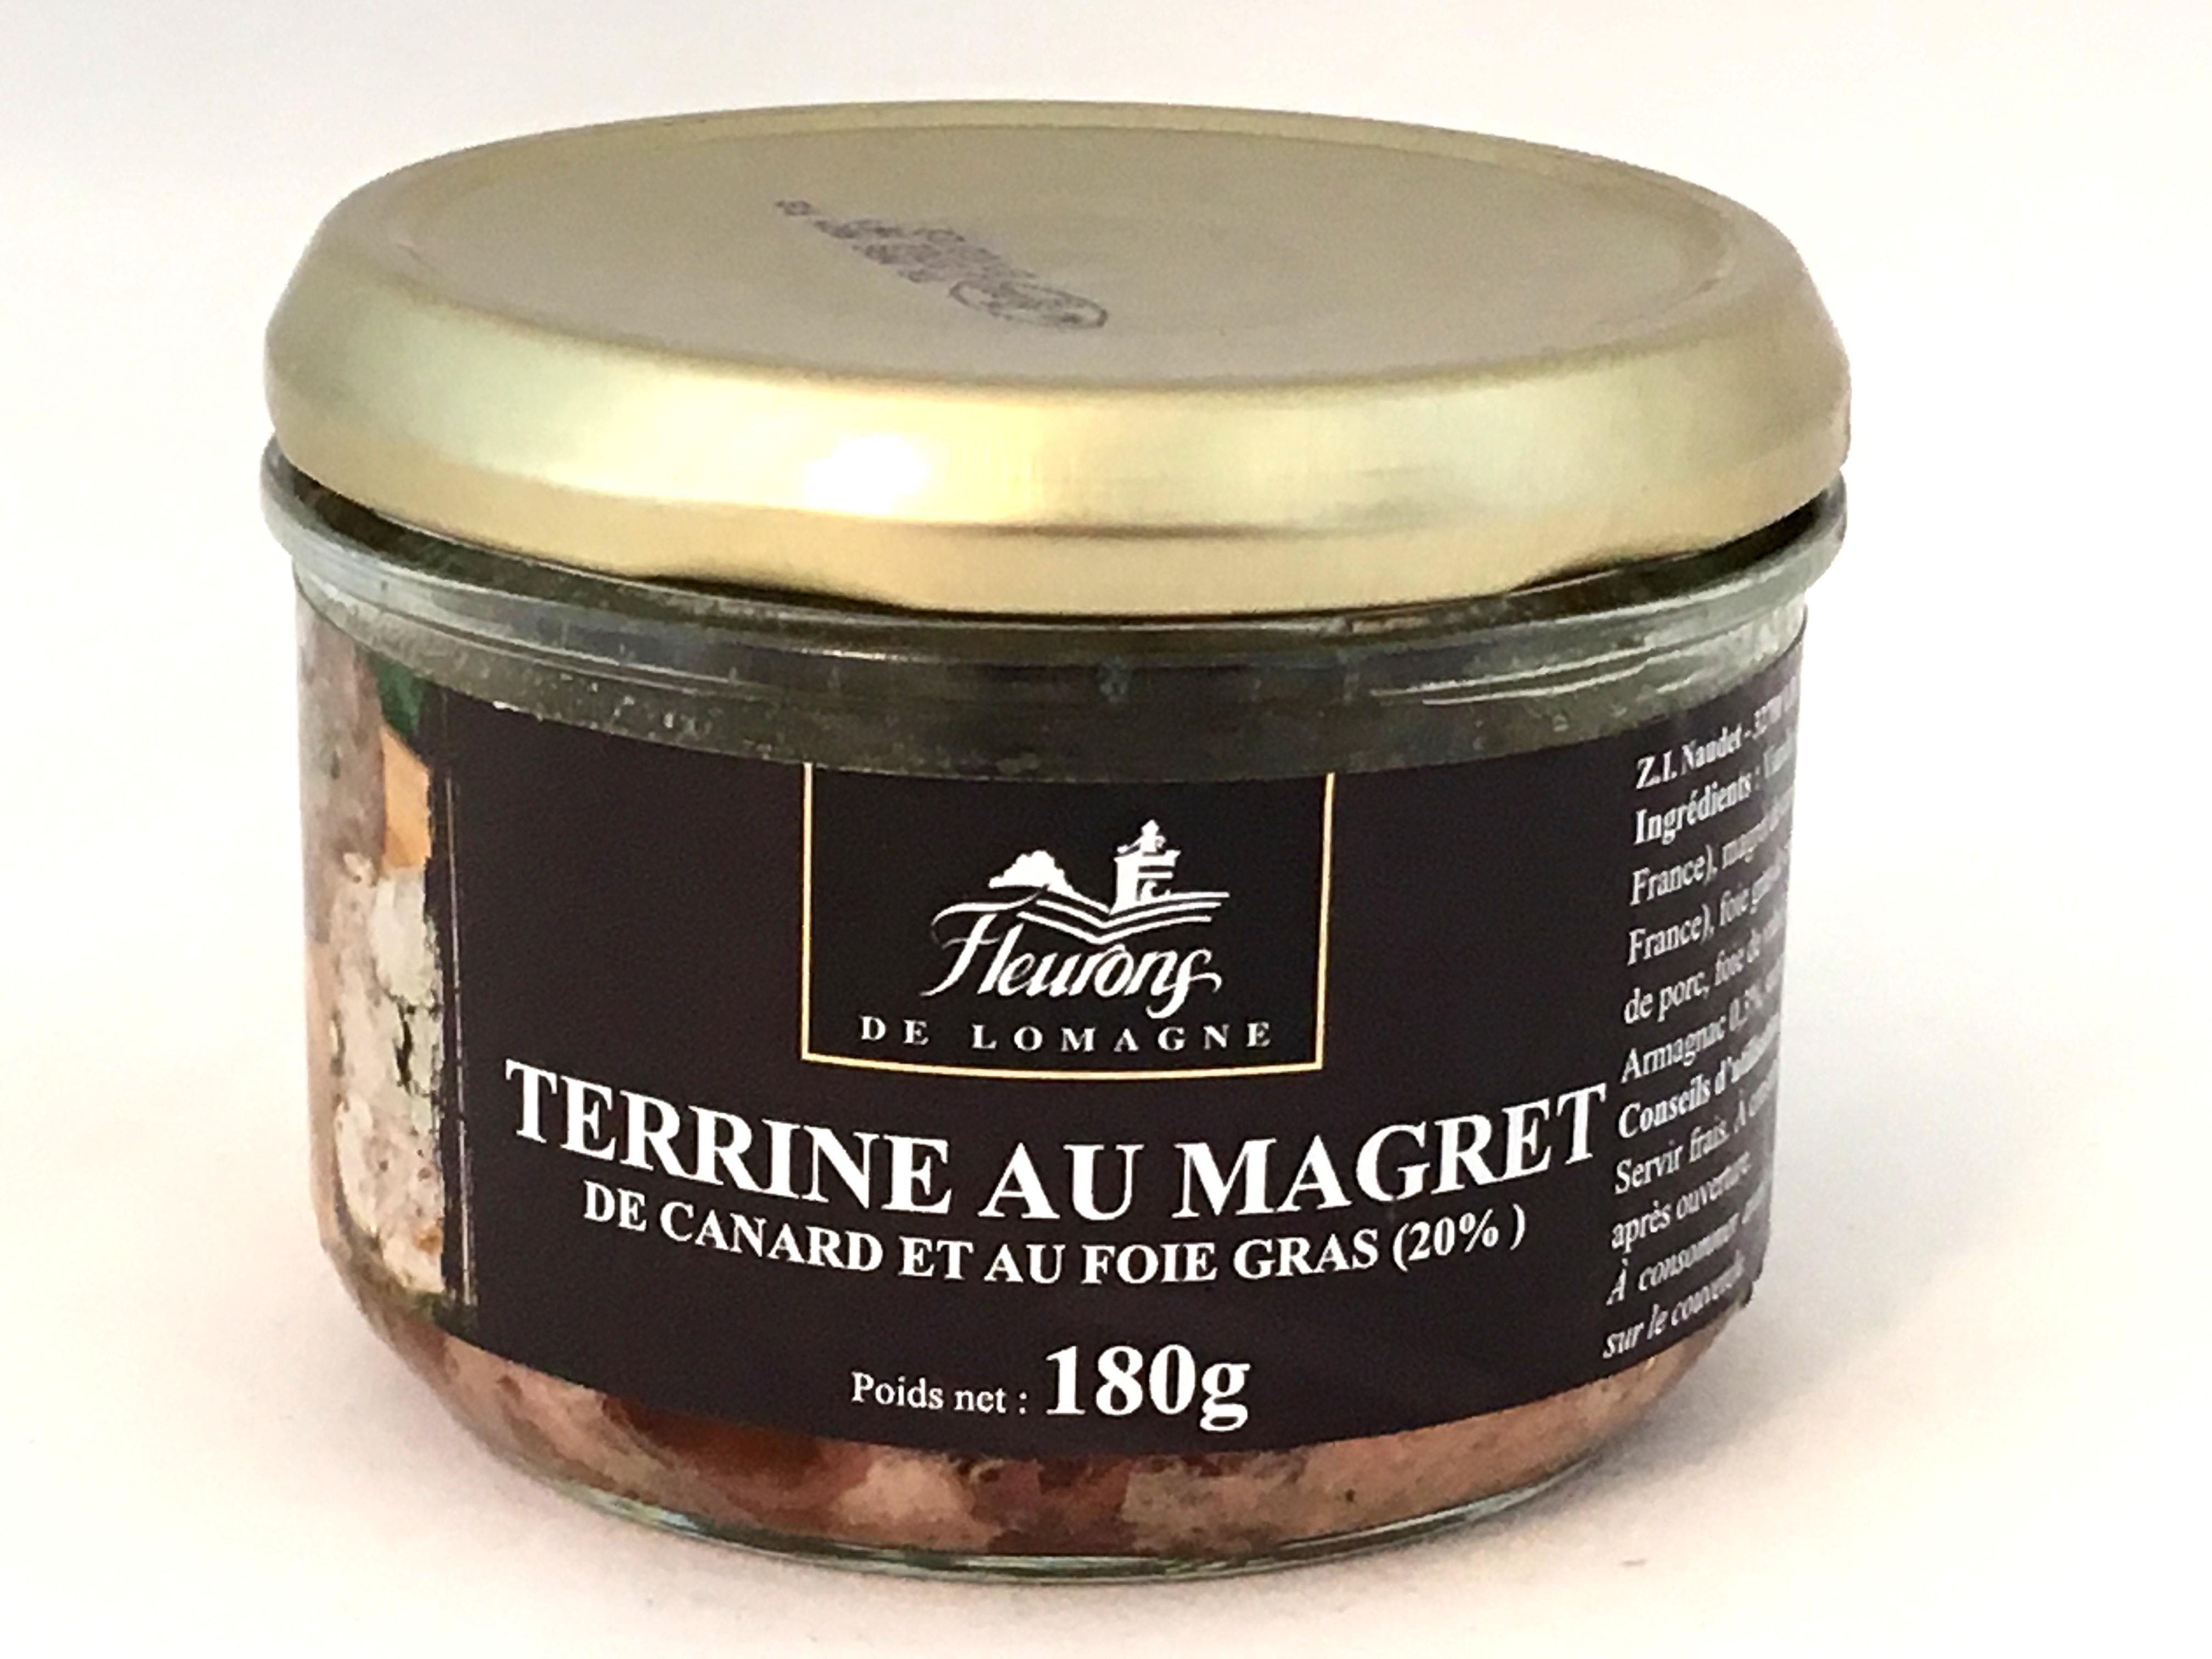 Terrine au magret de canard et au foie gras (20% Foie Gras) 180g